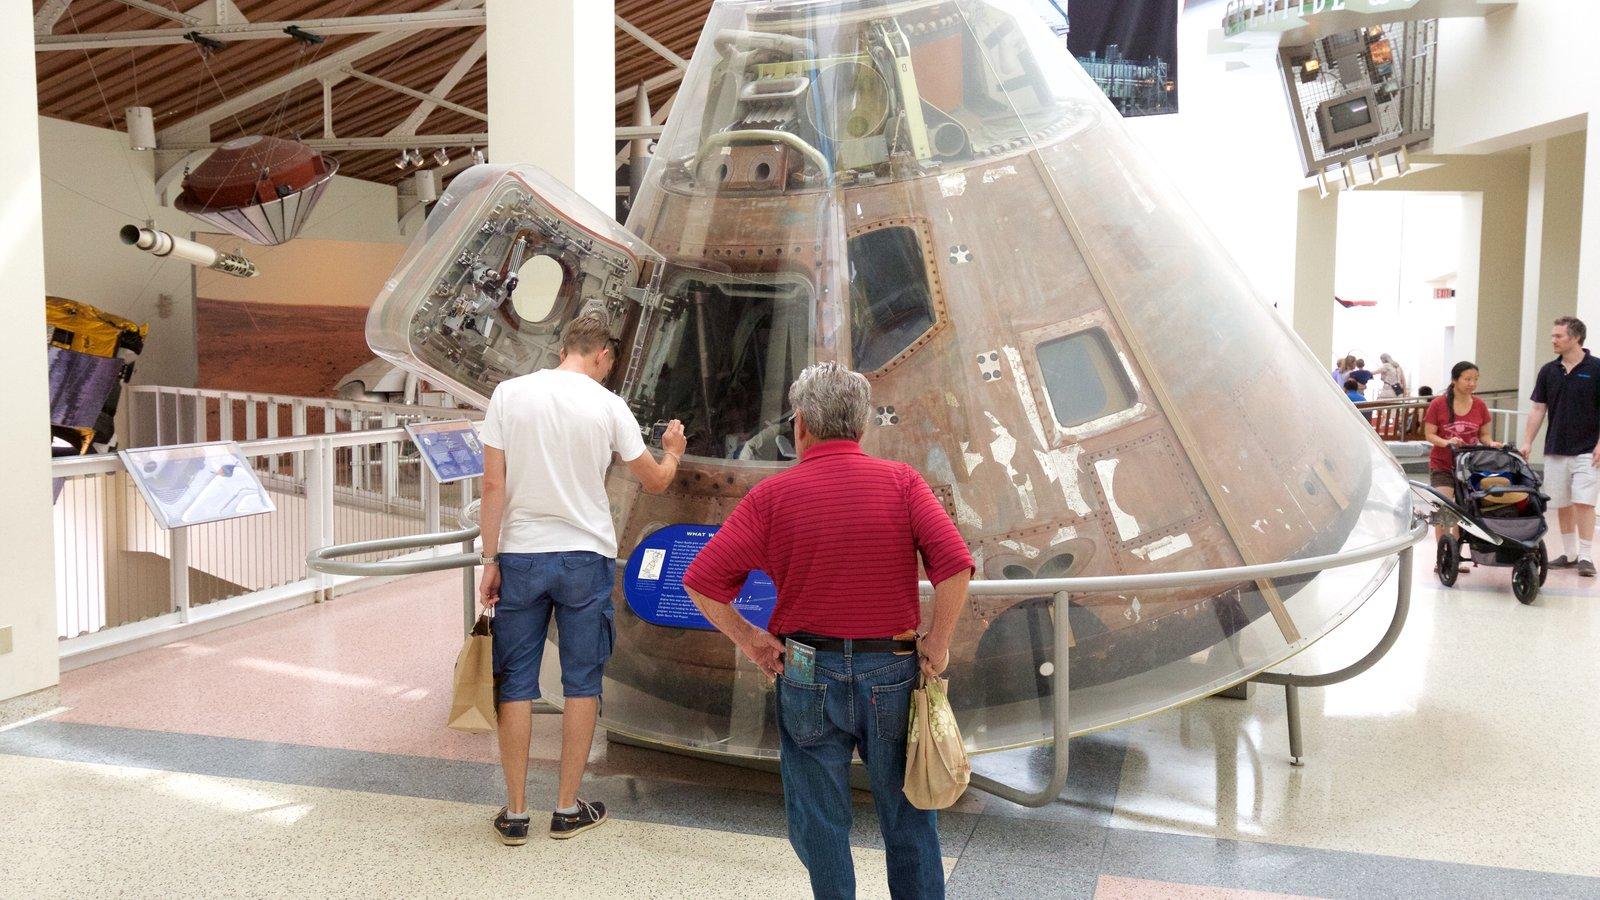 Museo California Science Center que incluye vistas interiores